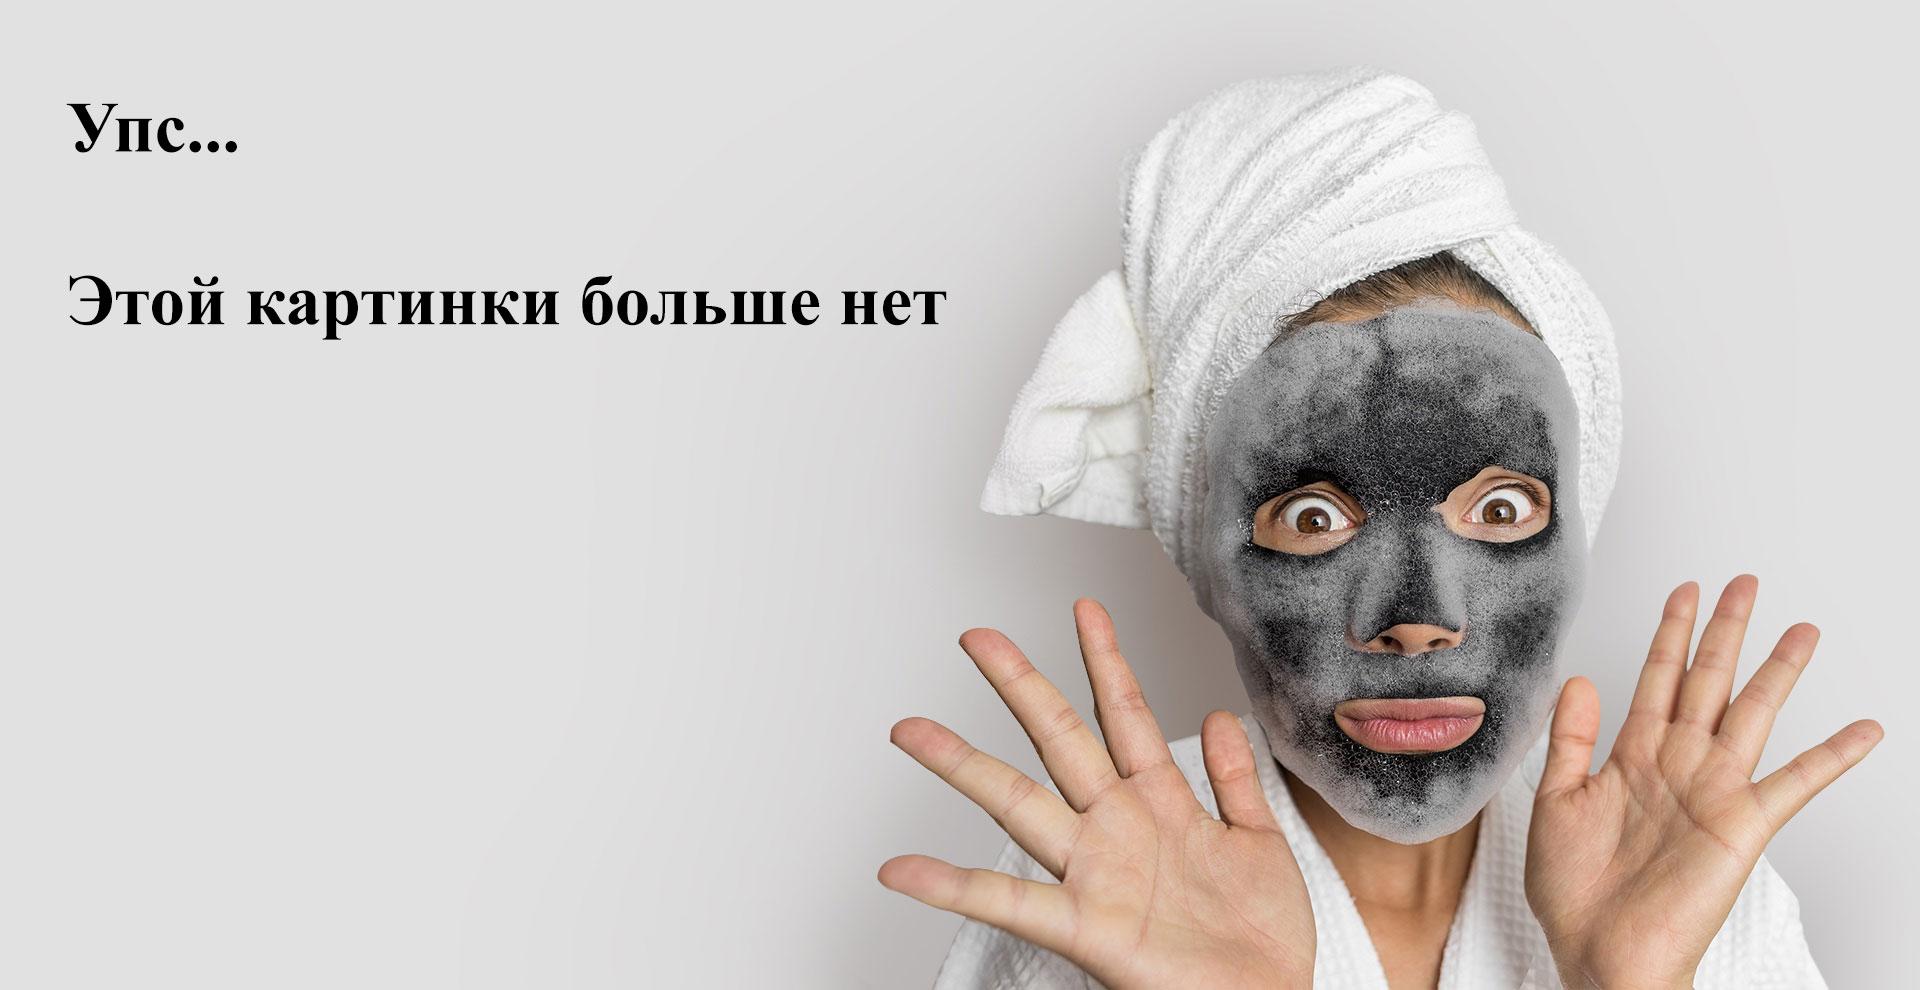 Patrisa Nail, Жидкость для снятия гель-лака, биогеля и акрила, 1 л